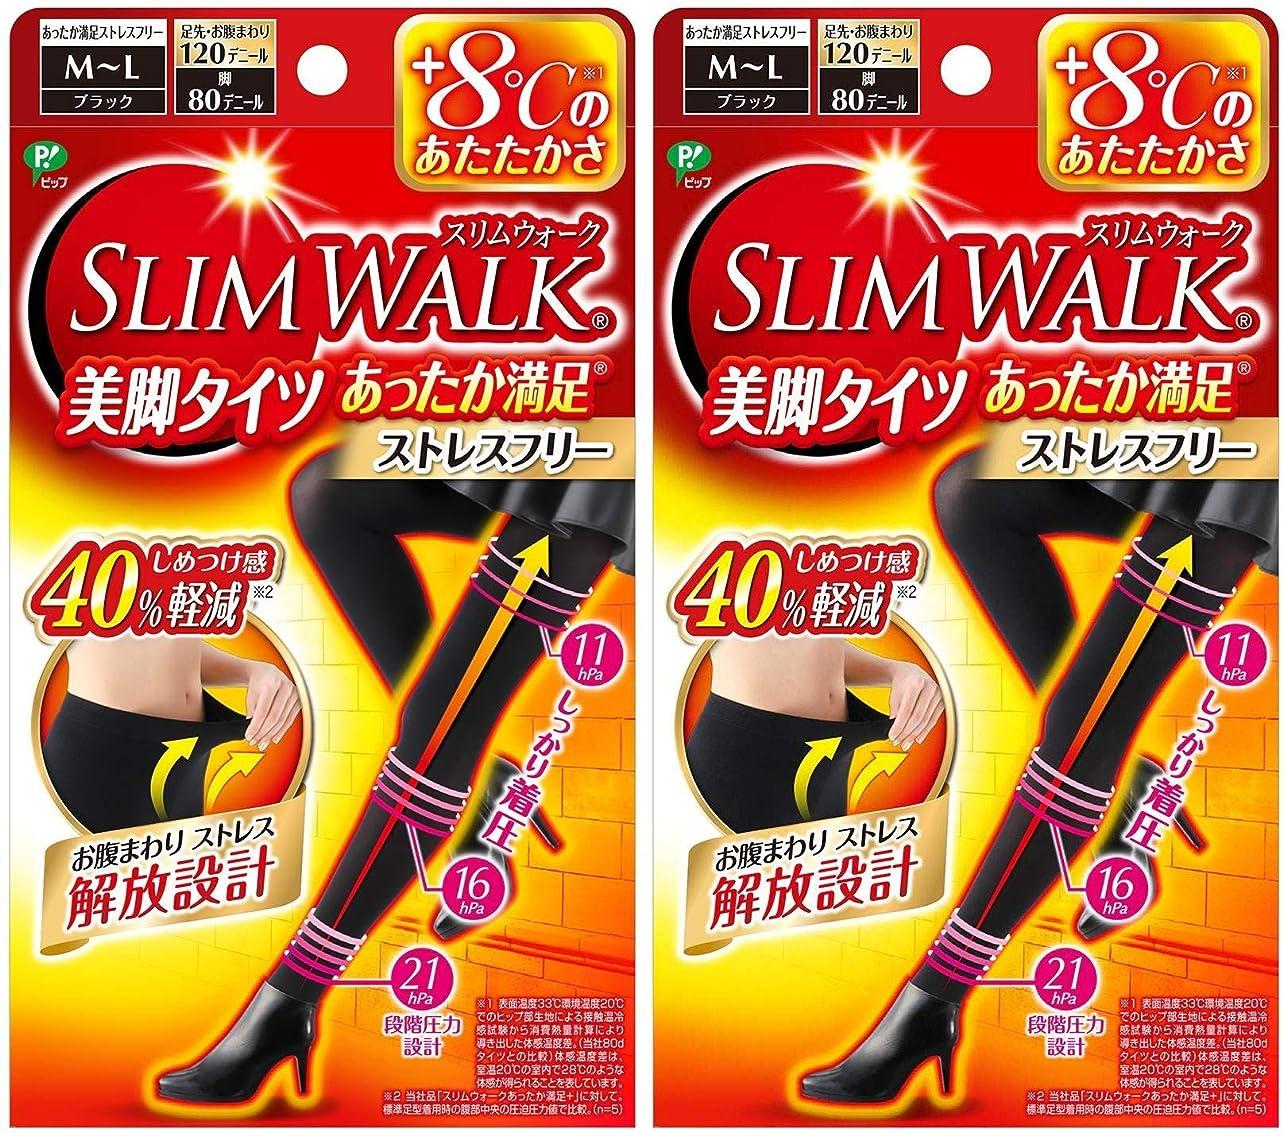 繰り返した憂鬱な担当者【2個セット】 スリムウォーク (SLIM WALK) 美脚タイツ あったか満足 おそと用 M~Lサイズ